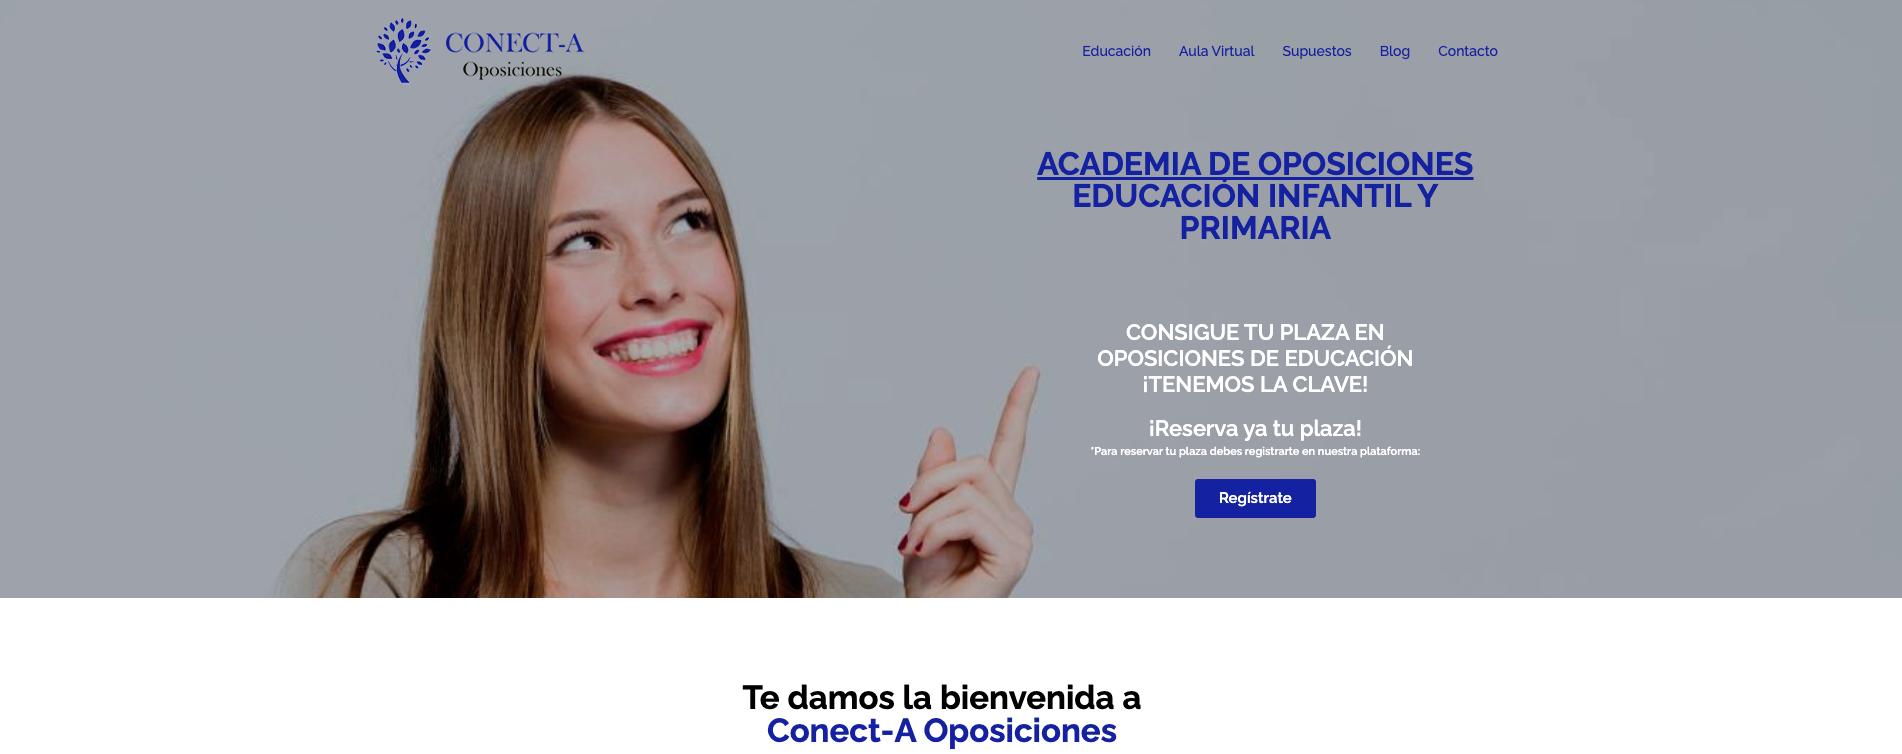 Web  Academia de Oposiciones - Aplicación Web